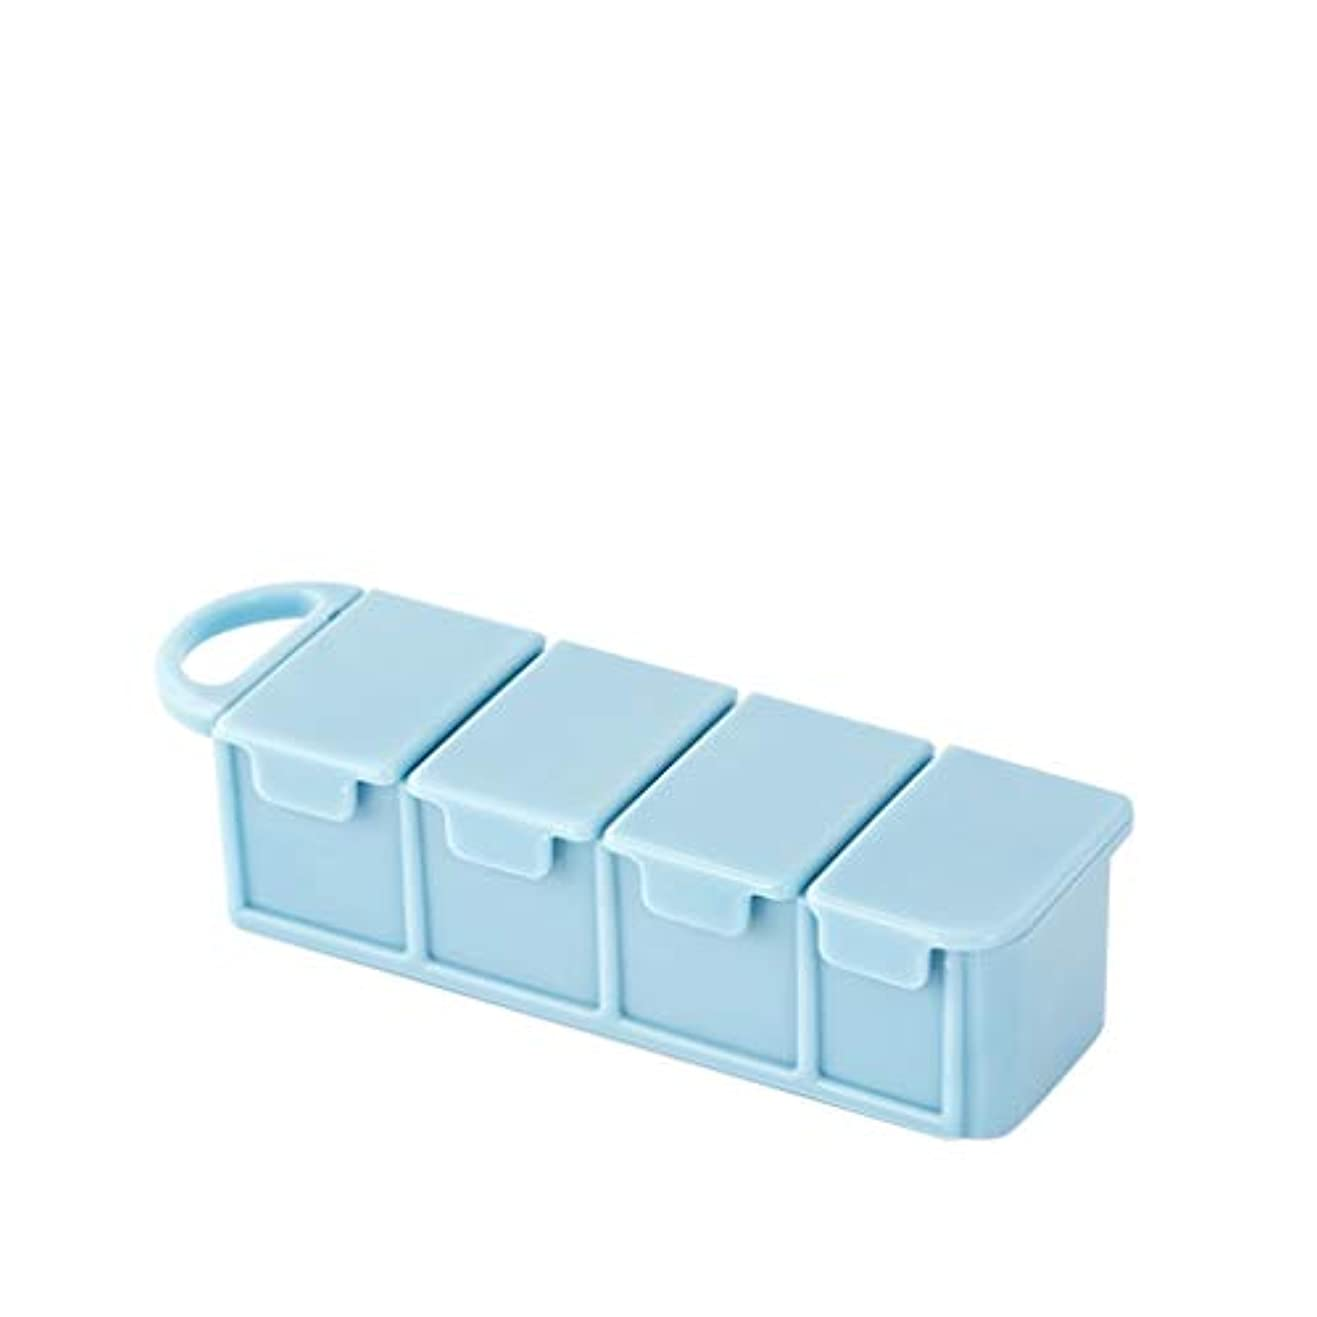 溶岩主観的スプーン家庭用ピルボックスポータブルピルボックス独立密封ピルボックスはピルボックスを運ぶことができます LIUXIN (Color : Blue, Size : 11cm×2.7cm×3.5cm)